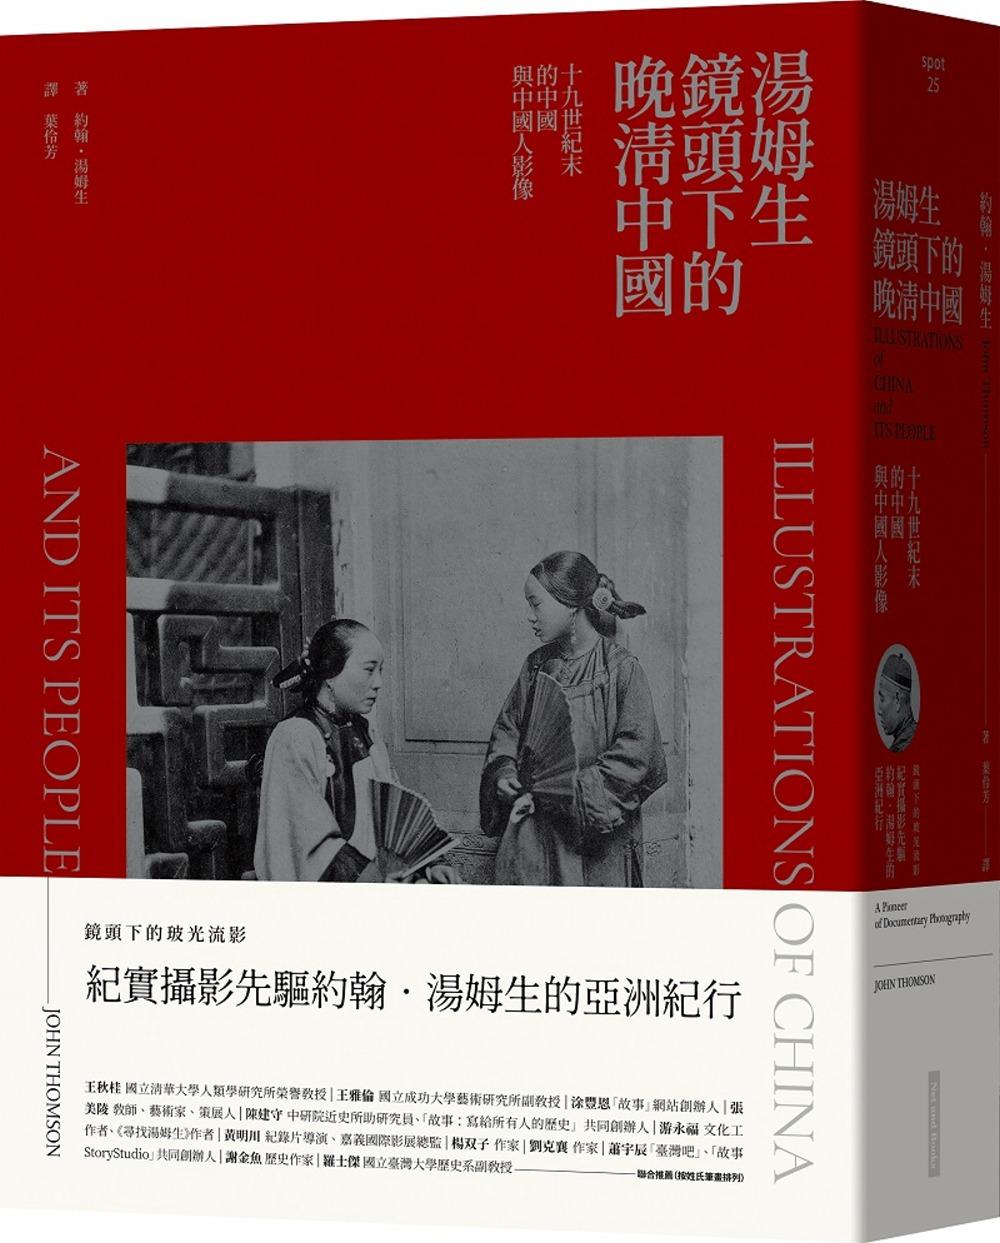 湯姆生鏡頭下的晚清中國:十九世紀末的中國與中國人影像